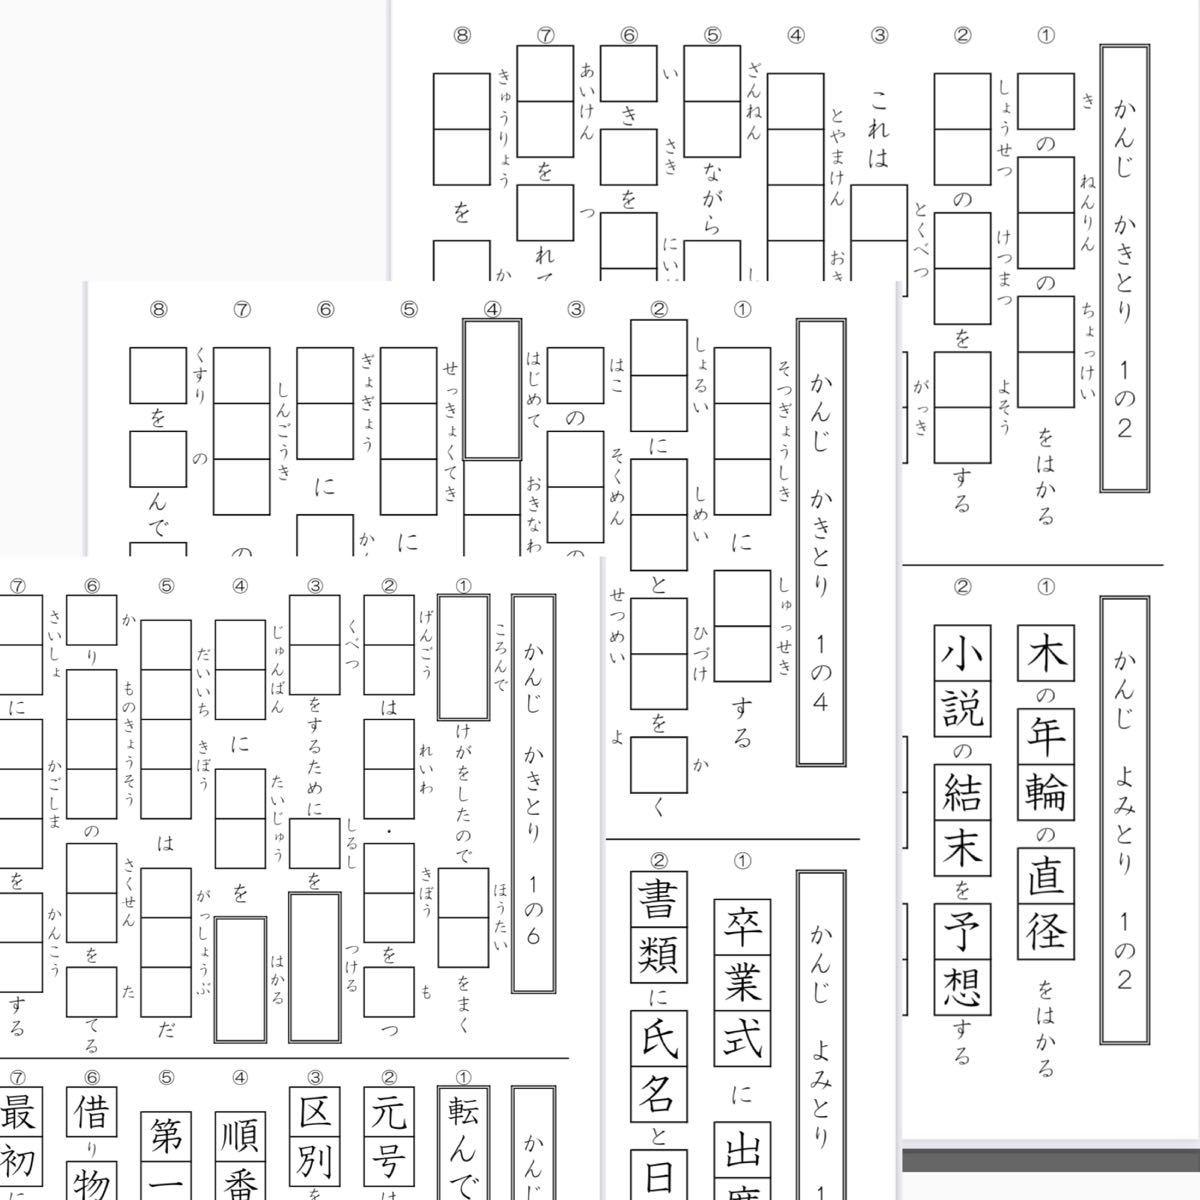 プリント 年生 漢字 4 【すきるまドリル】小学4年 漢字